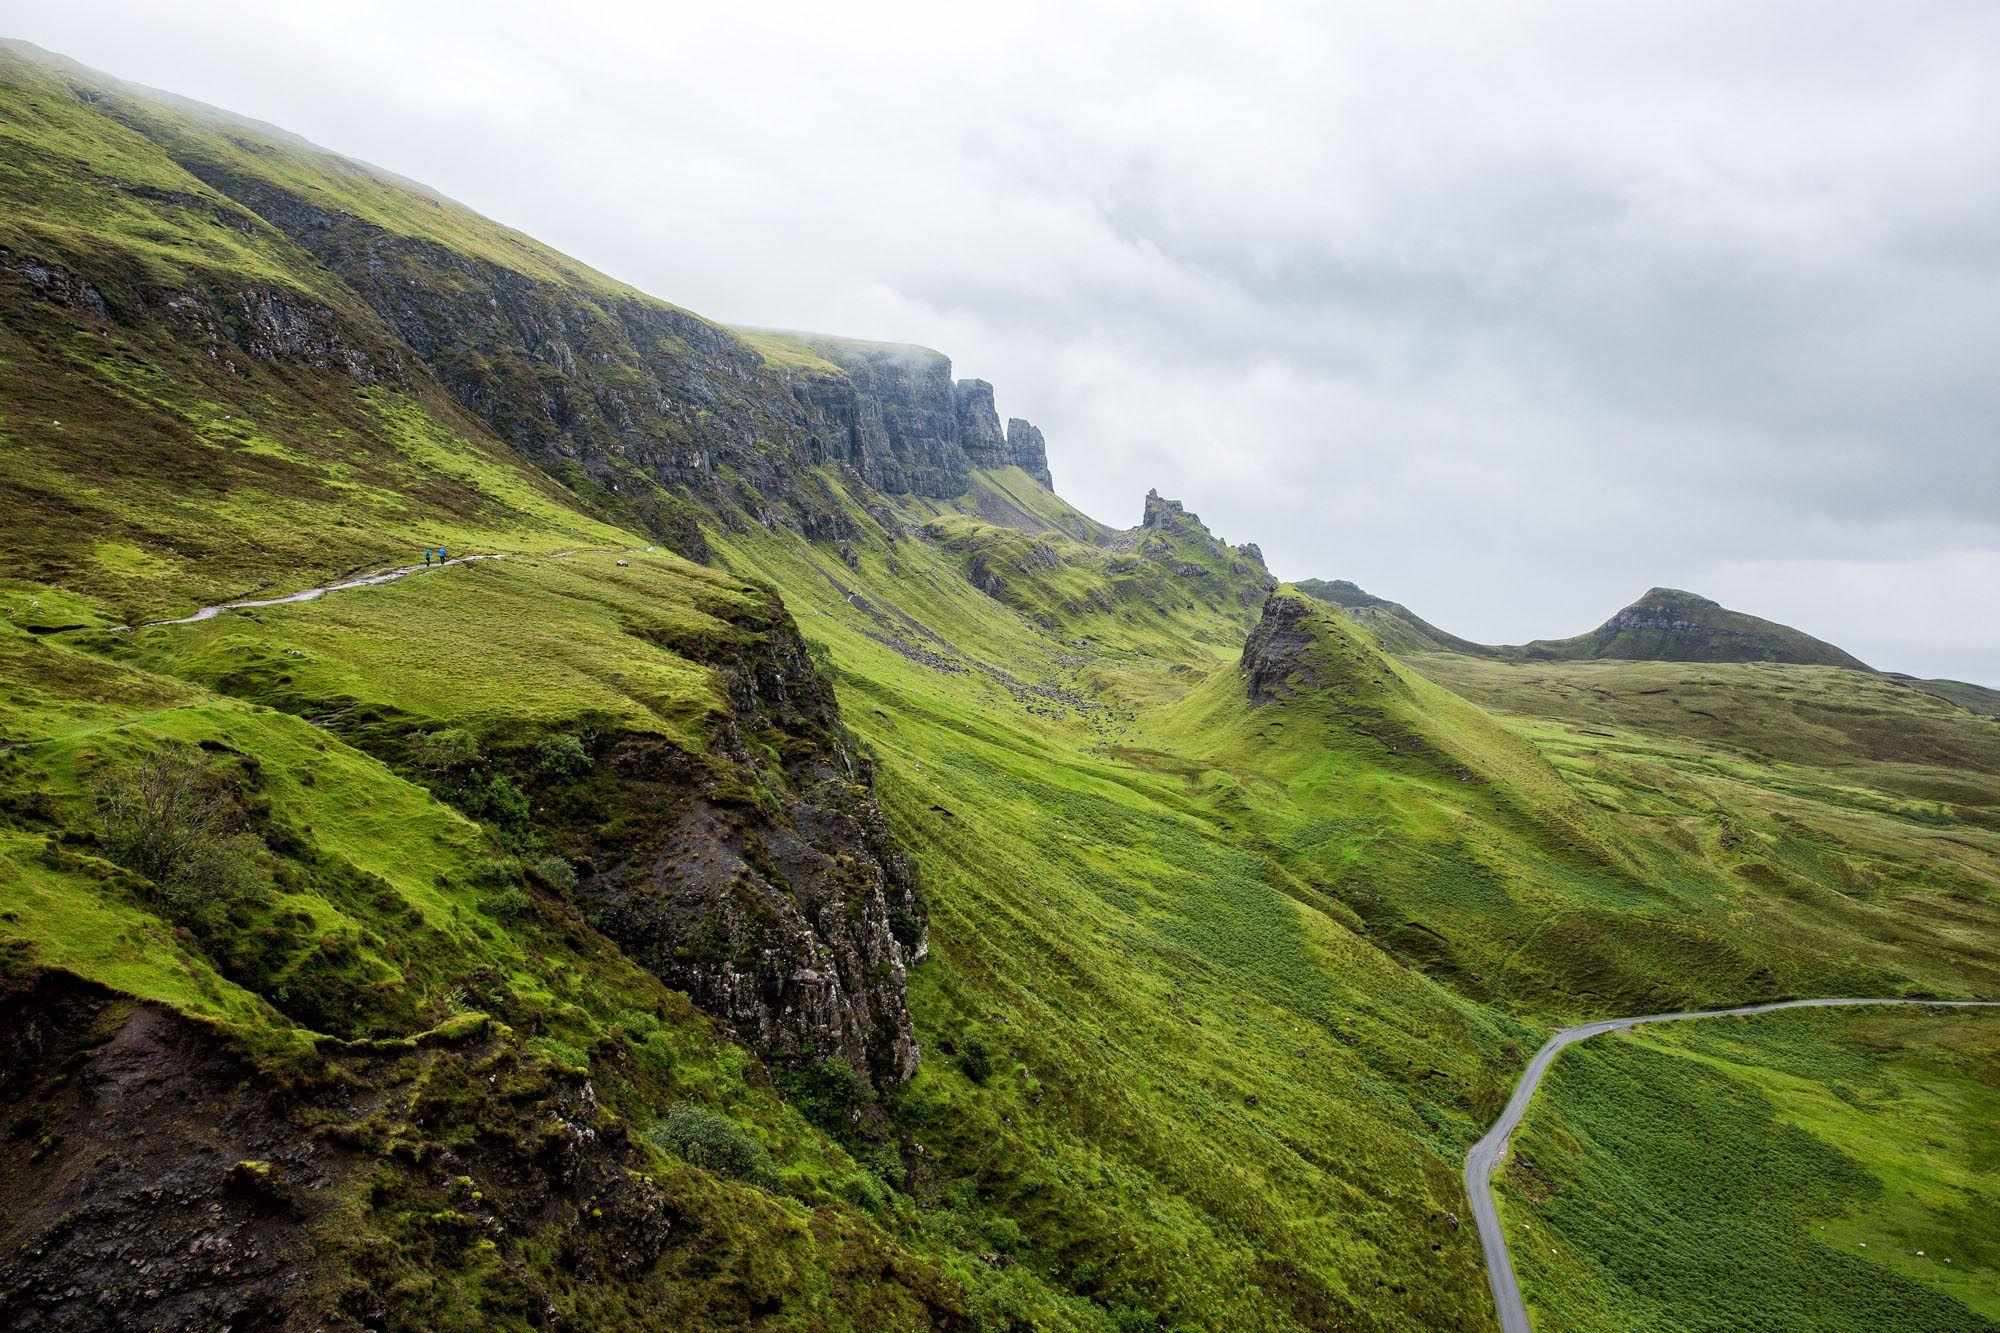 Quiraing Isle of Skye